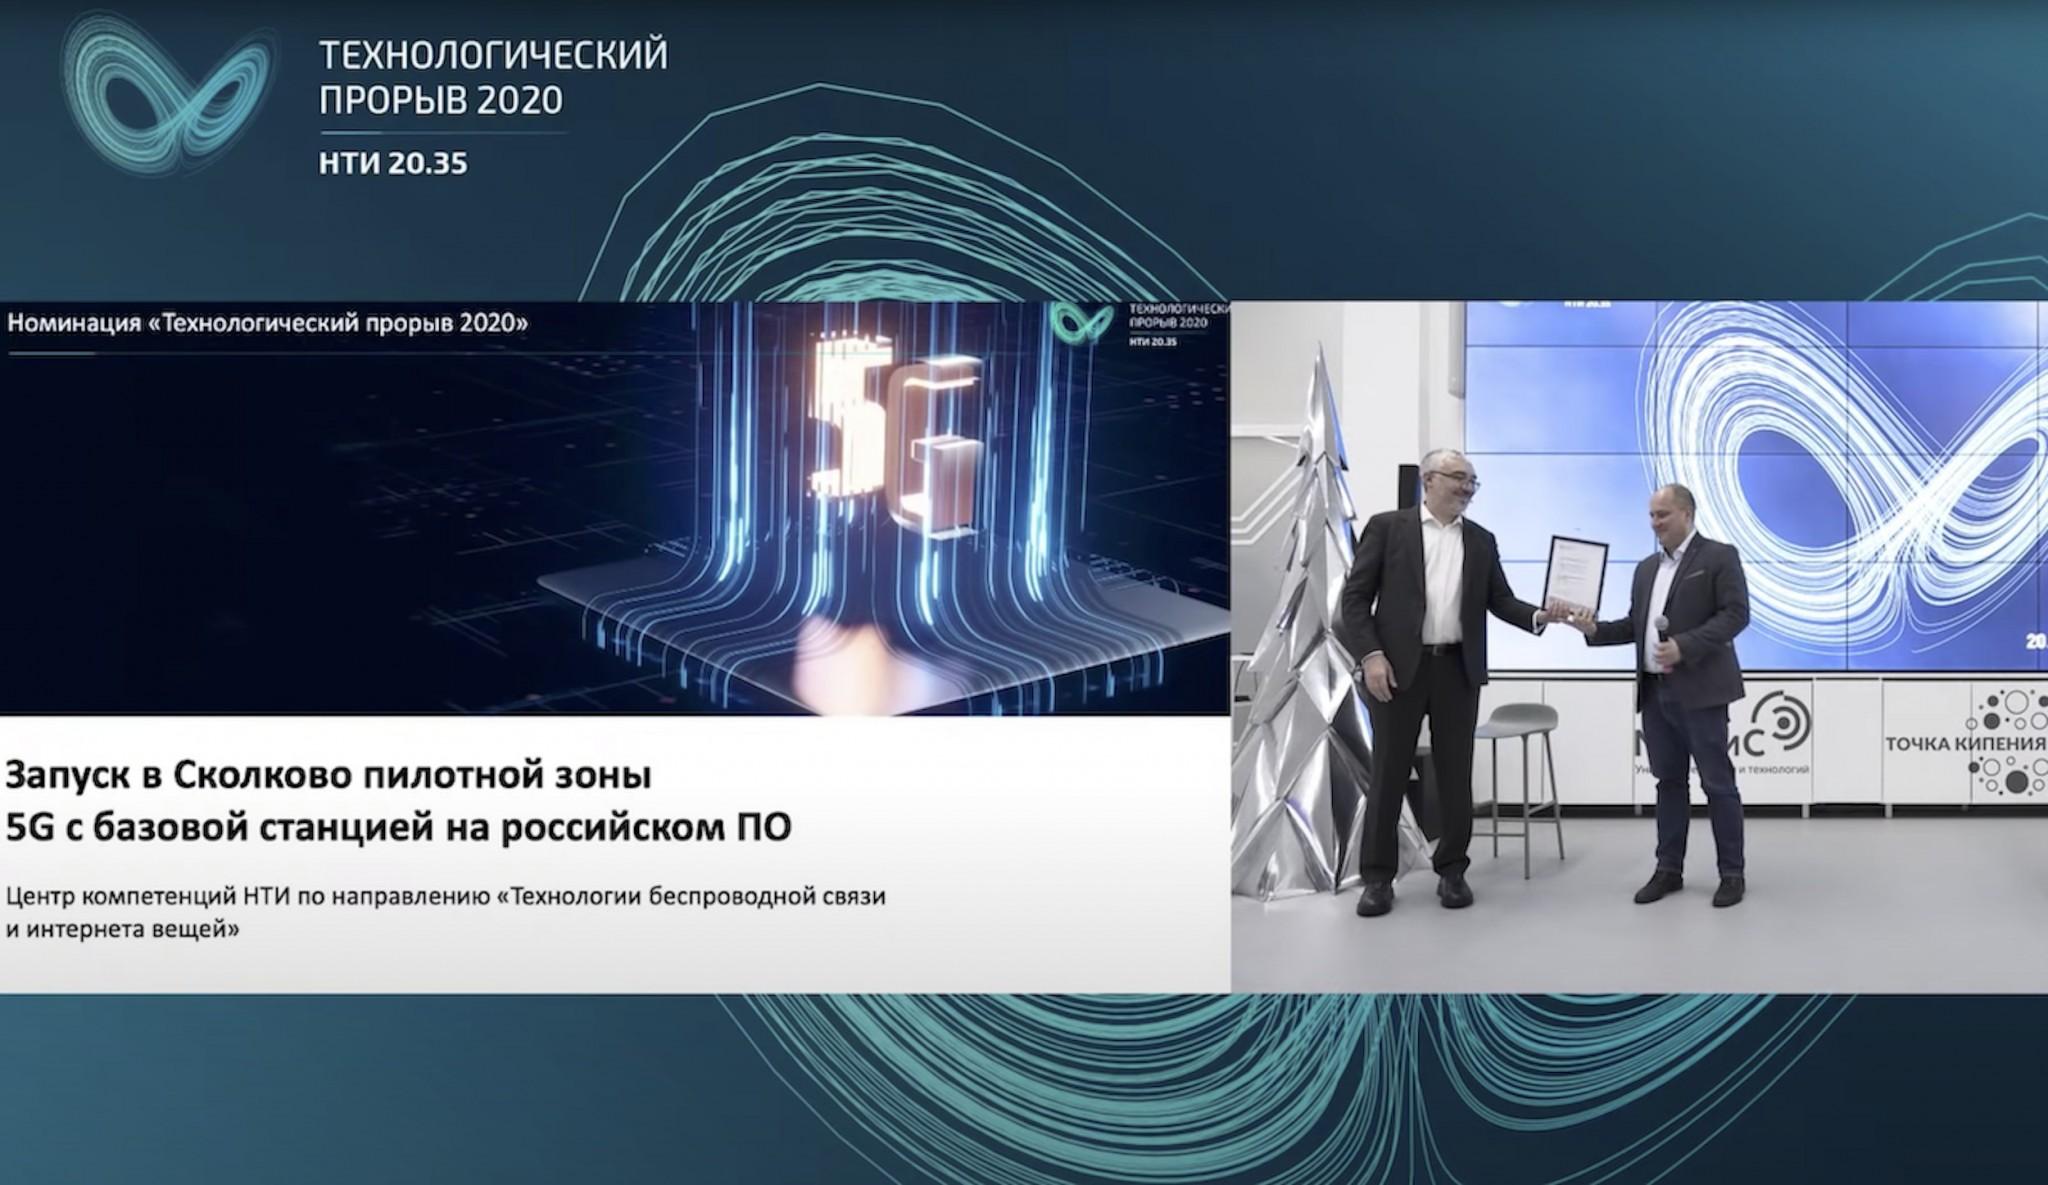 snimok-ekrana-2020-12-28-v-13-14-35